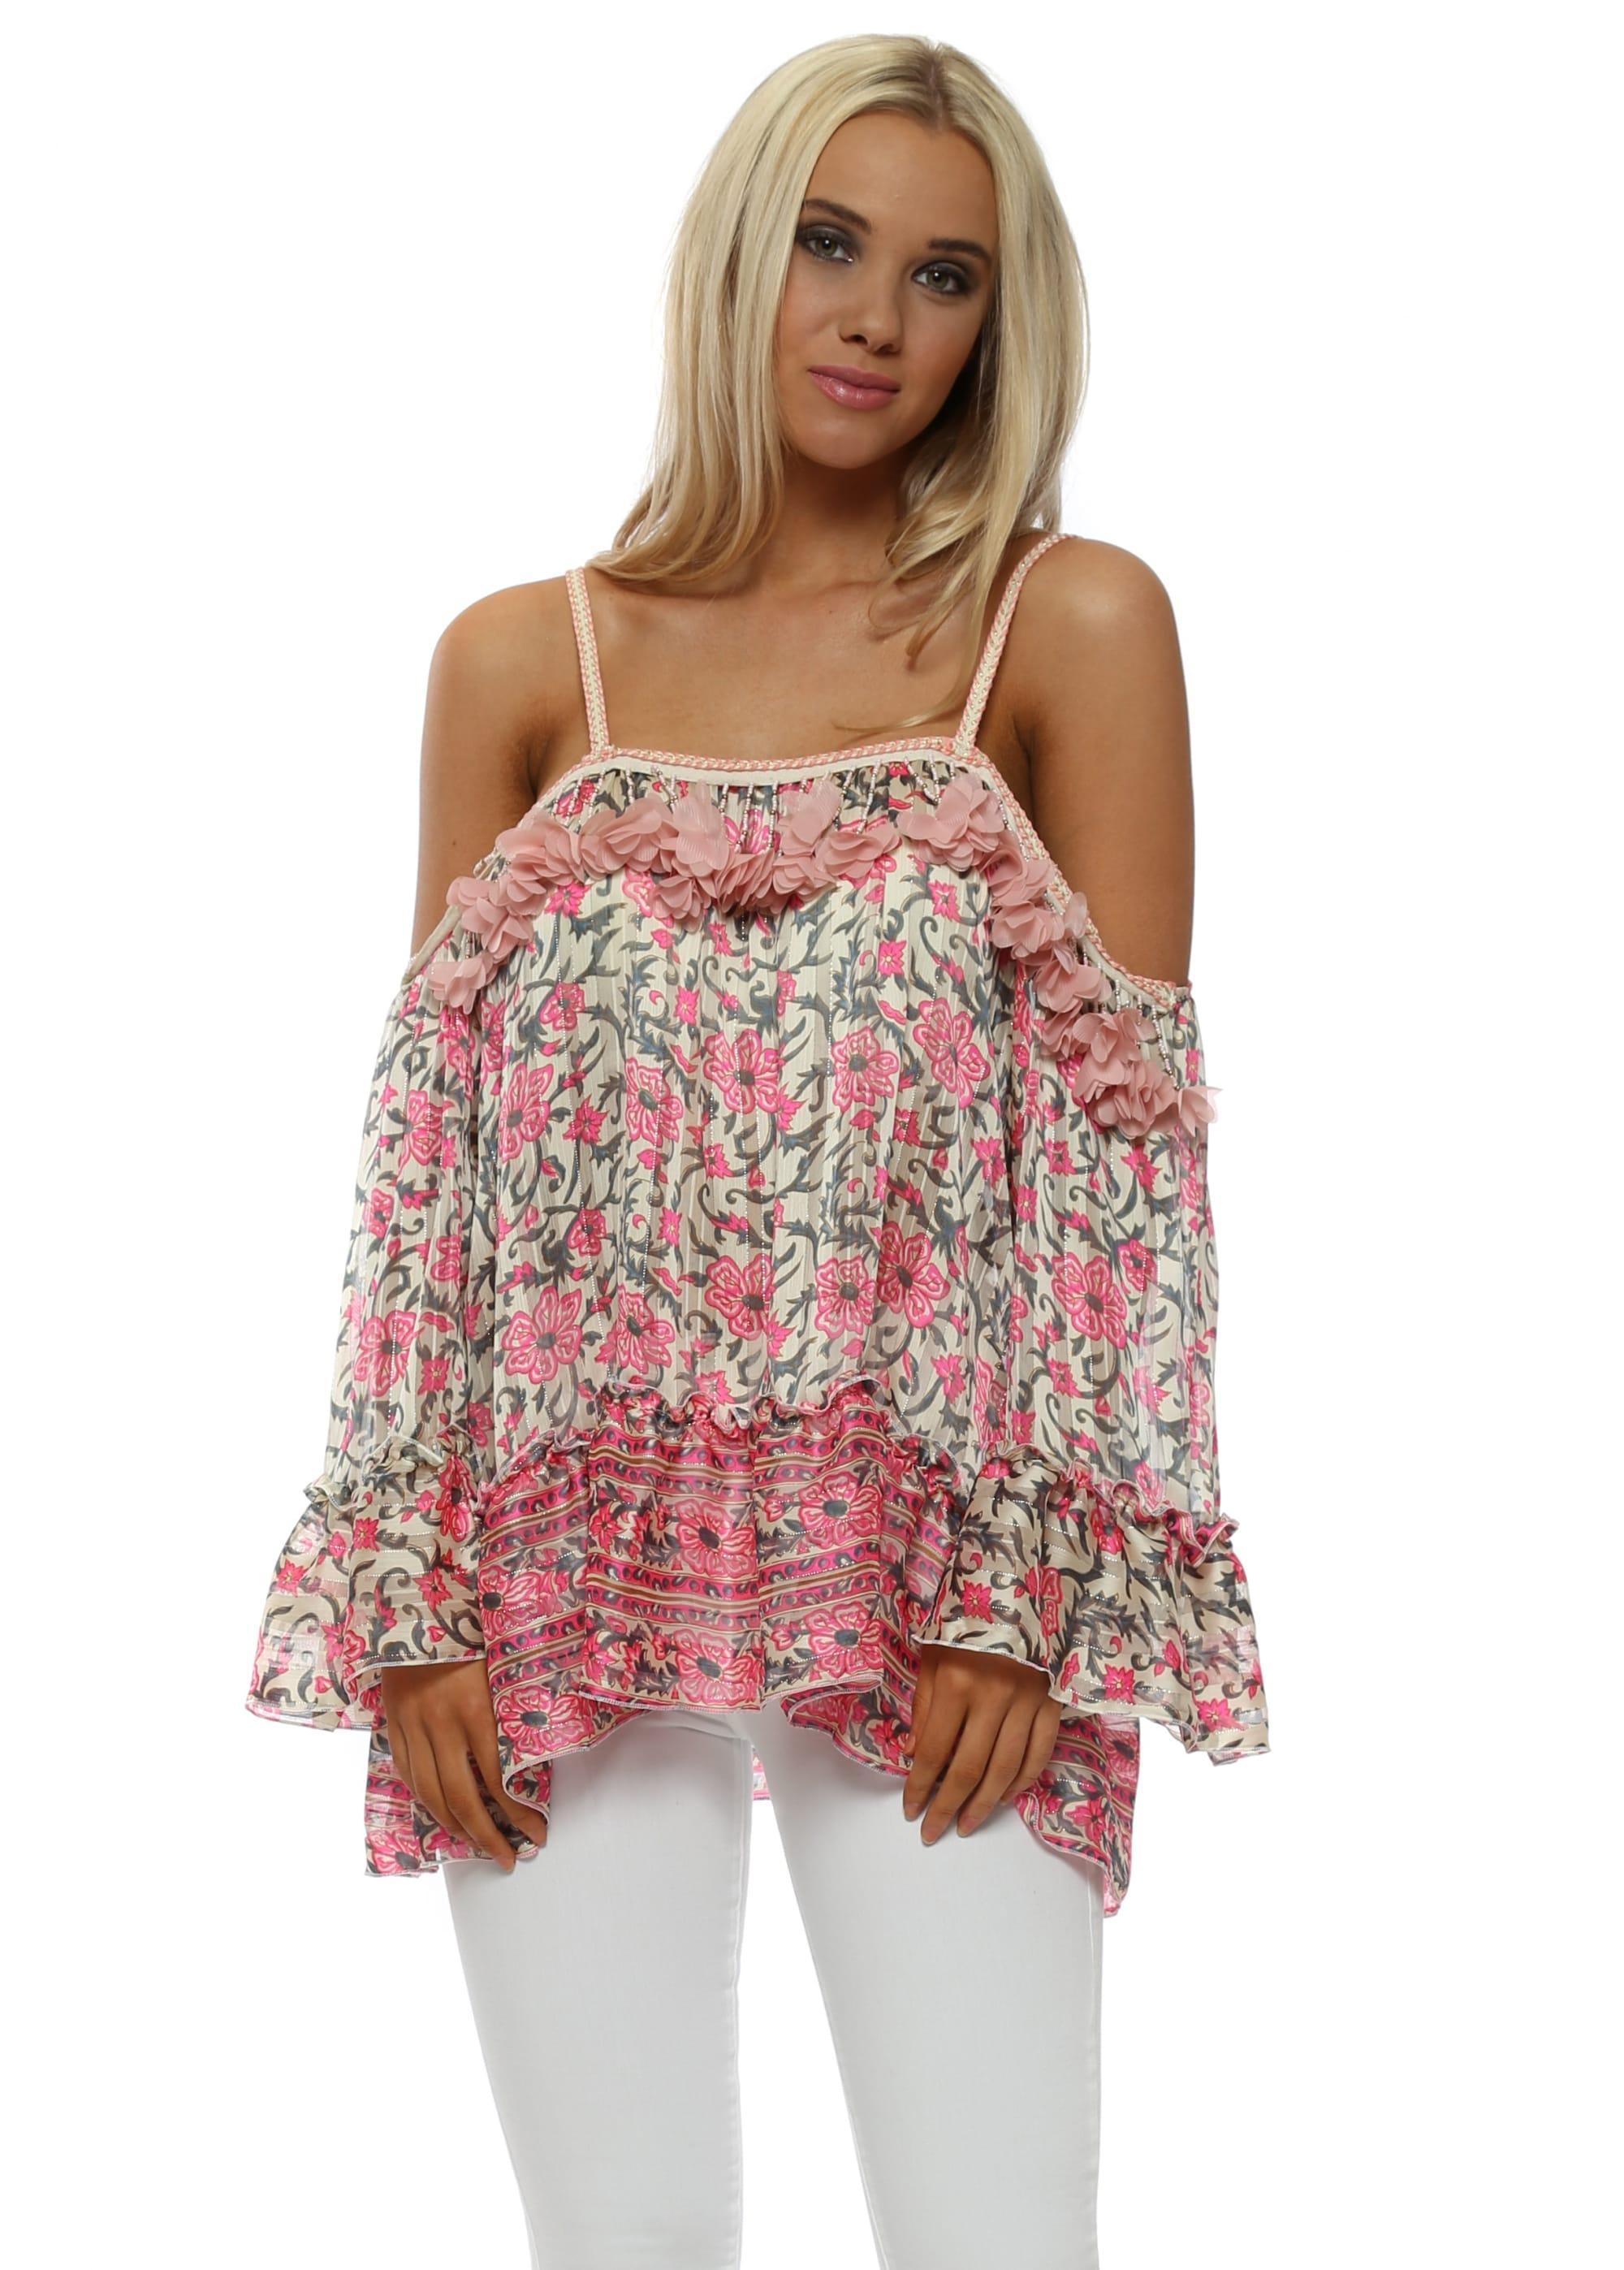 638b1de22e50d Pink Floral Print Embellished Cold Shoulder Top